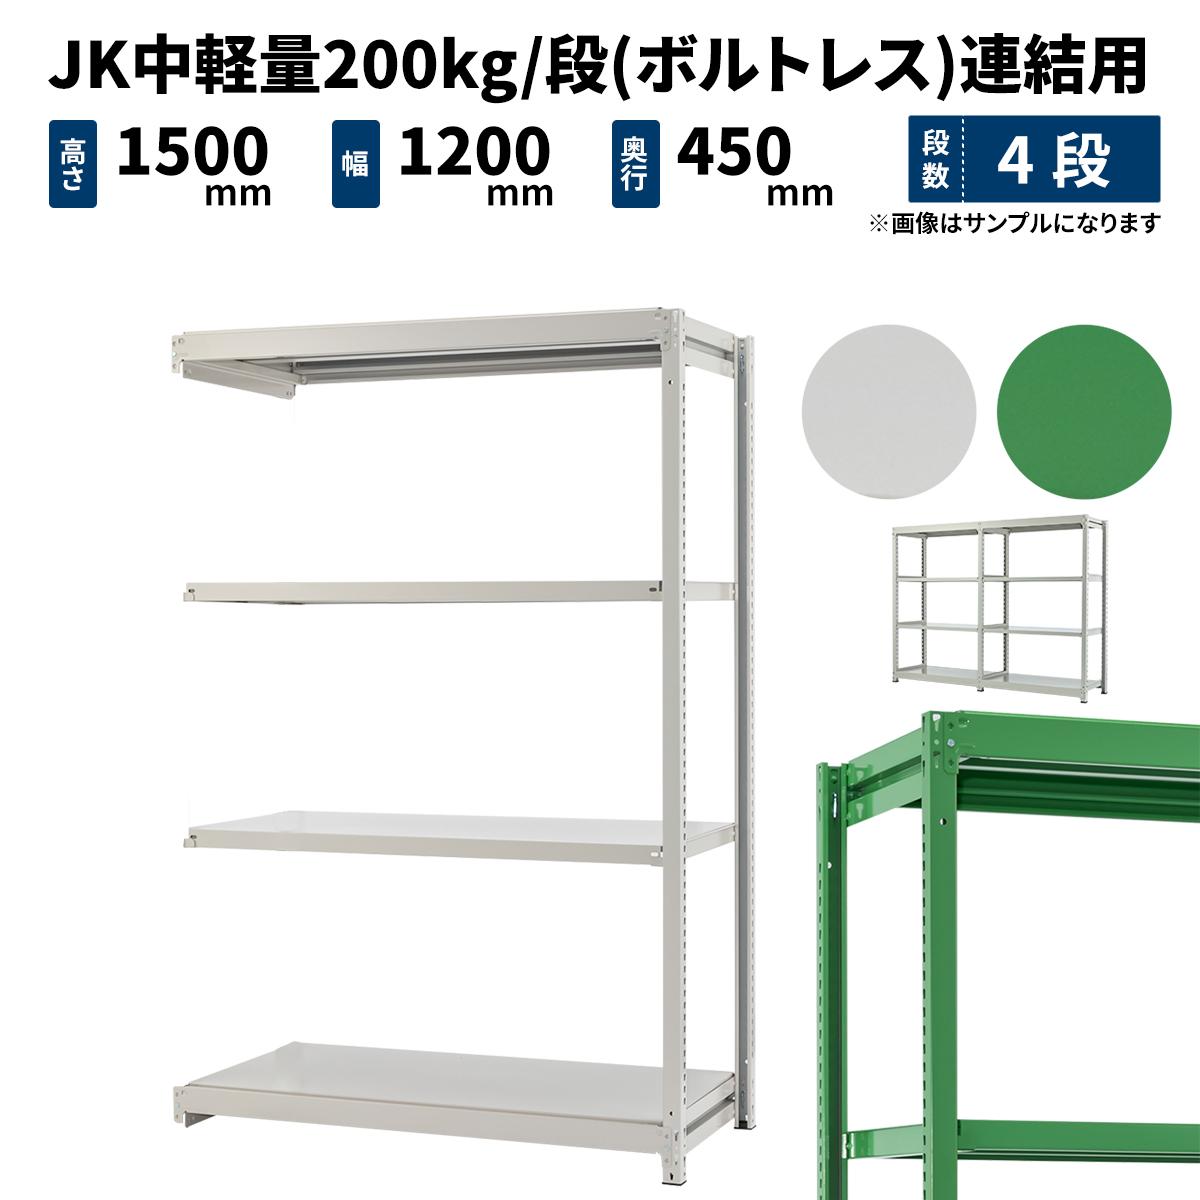 スチールラック 業務用 JK中軽量200kg/段(ボルトレス) 連結形式 高さ1500×幅1200×奥行450mm 4段 ホワイトグレー/グリーン (38kg) JK200_R-151245-4